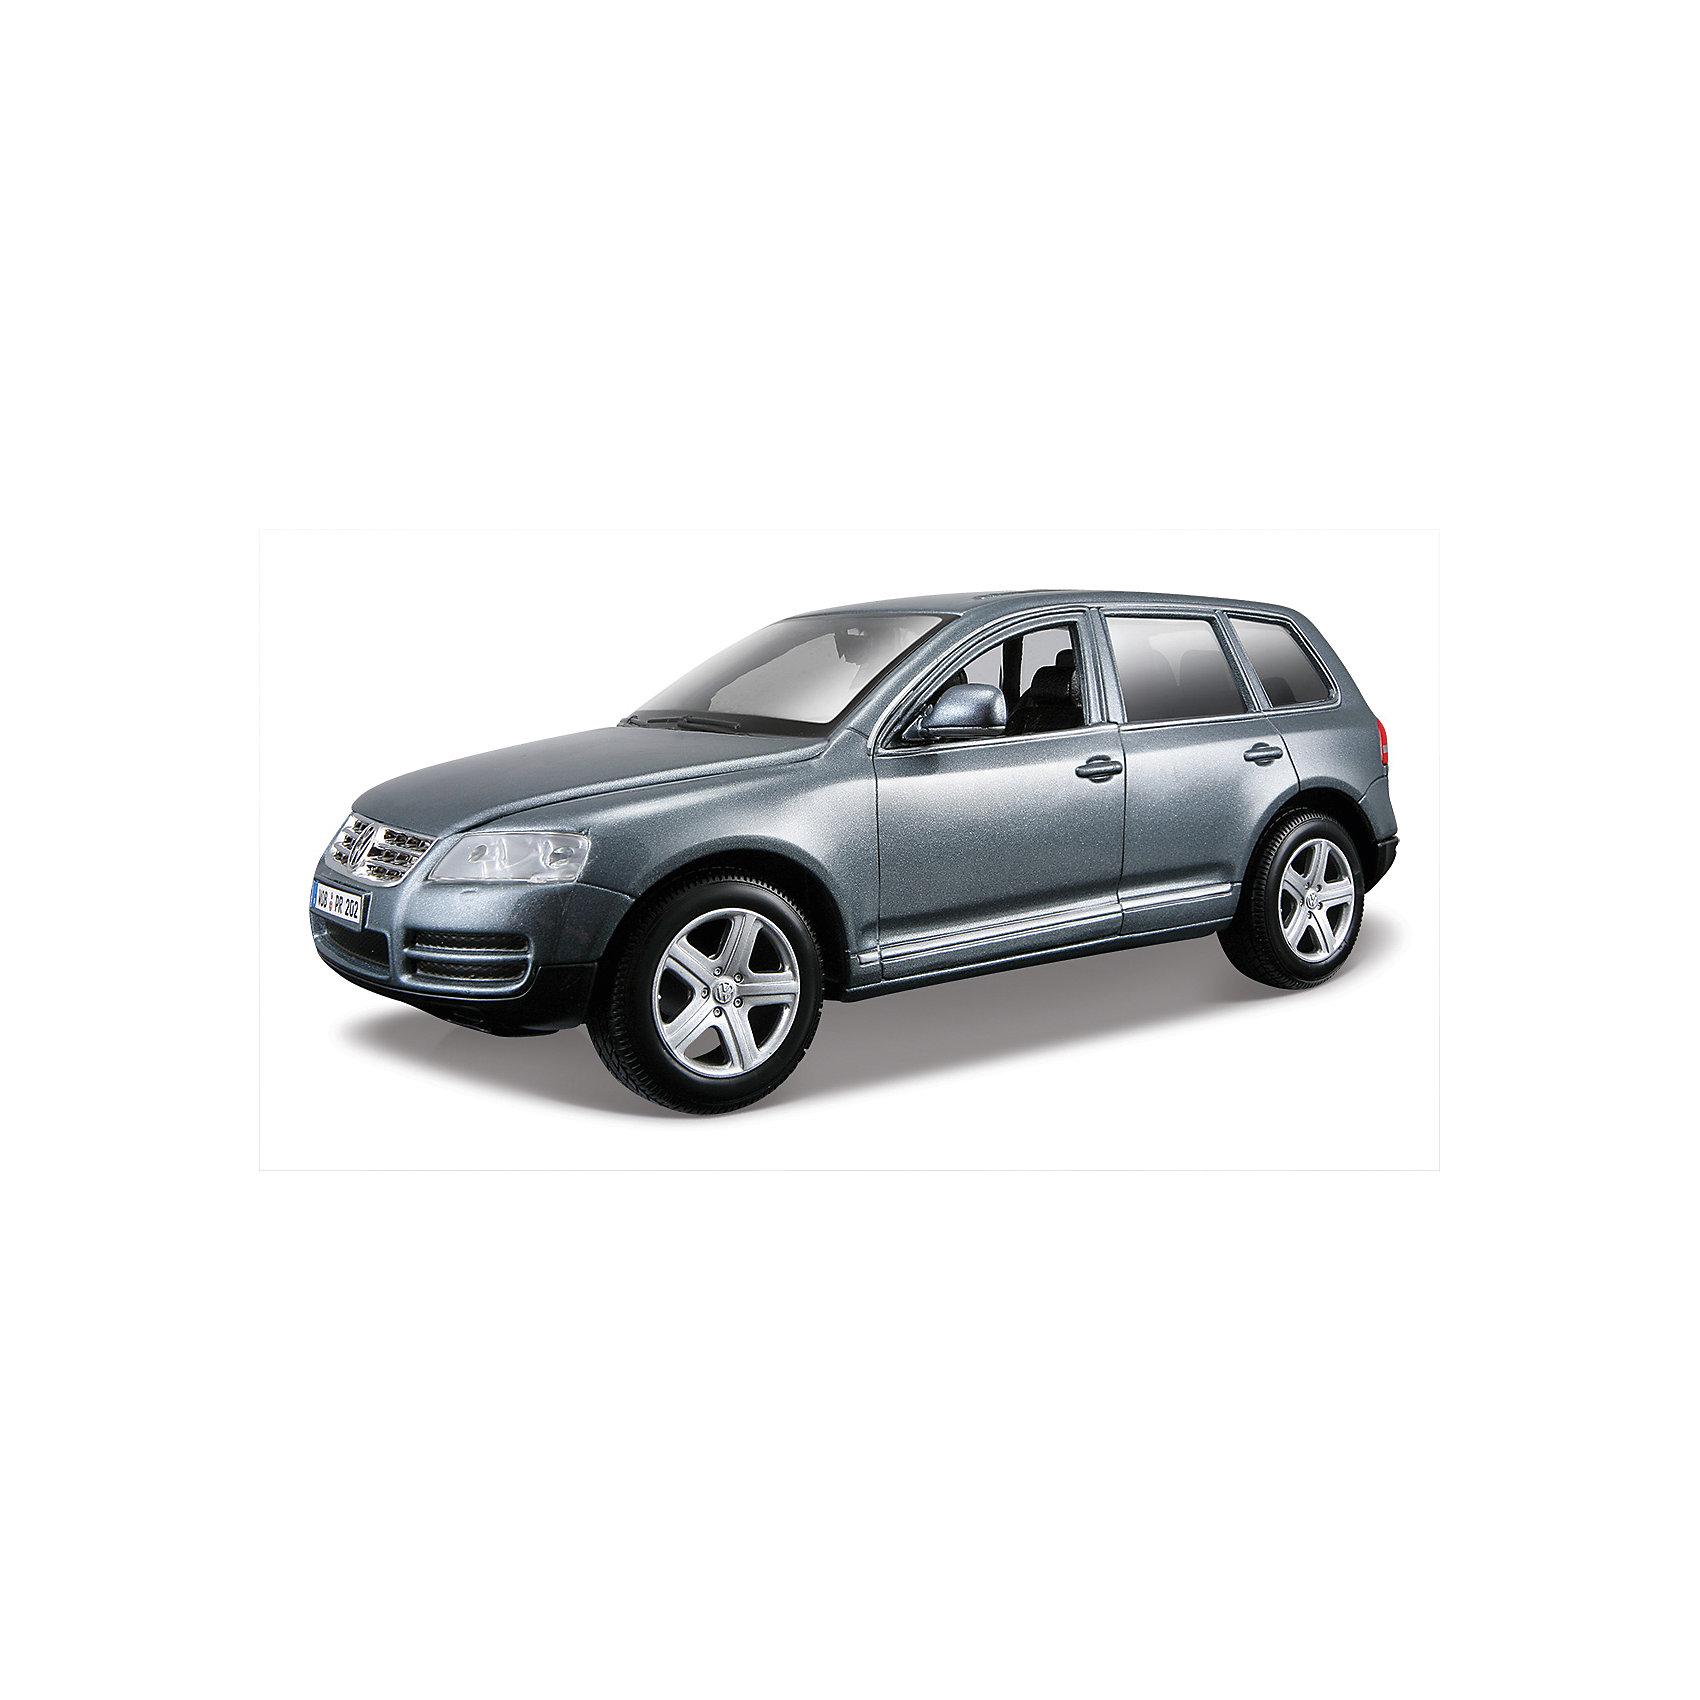 ������ Volkswagen Touareg ������.,1:24, Bburago